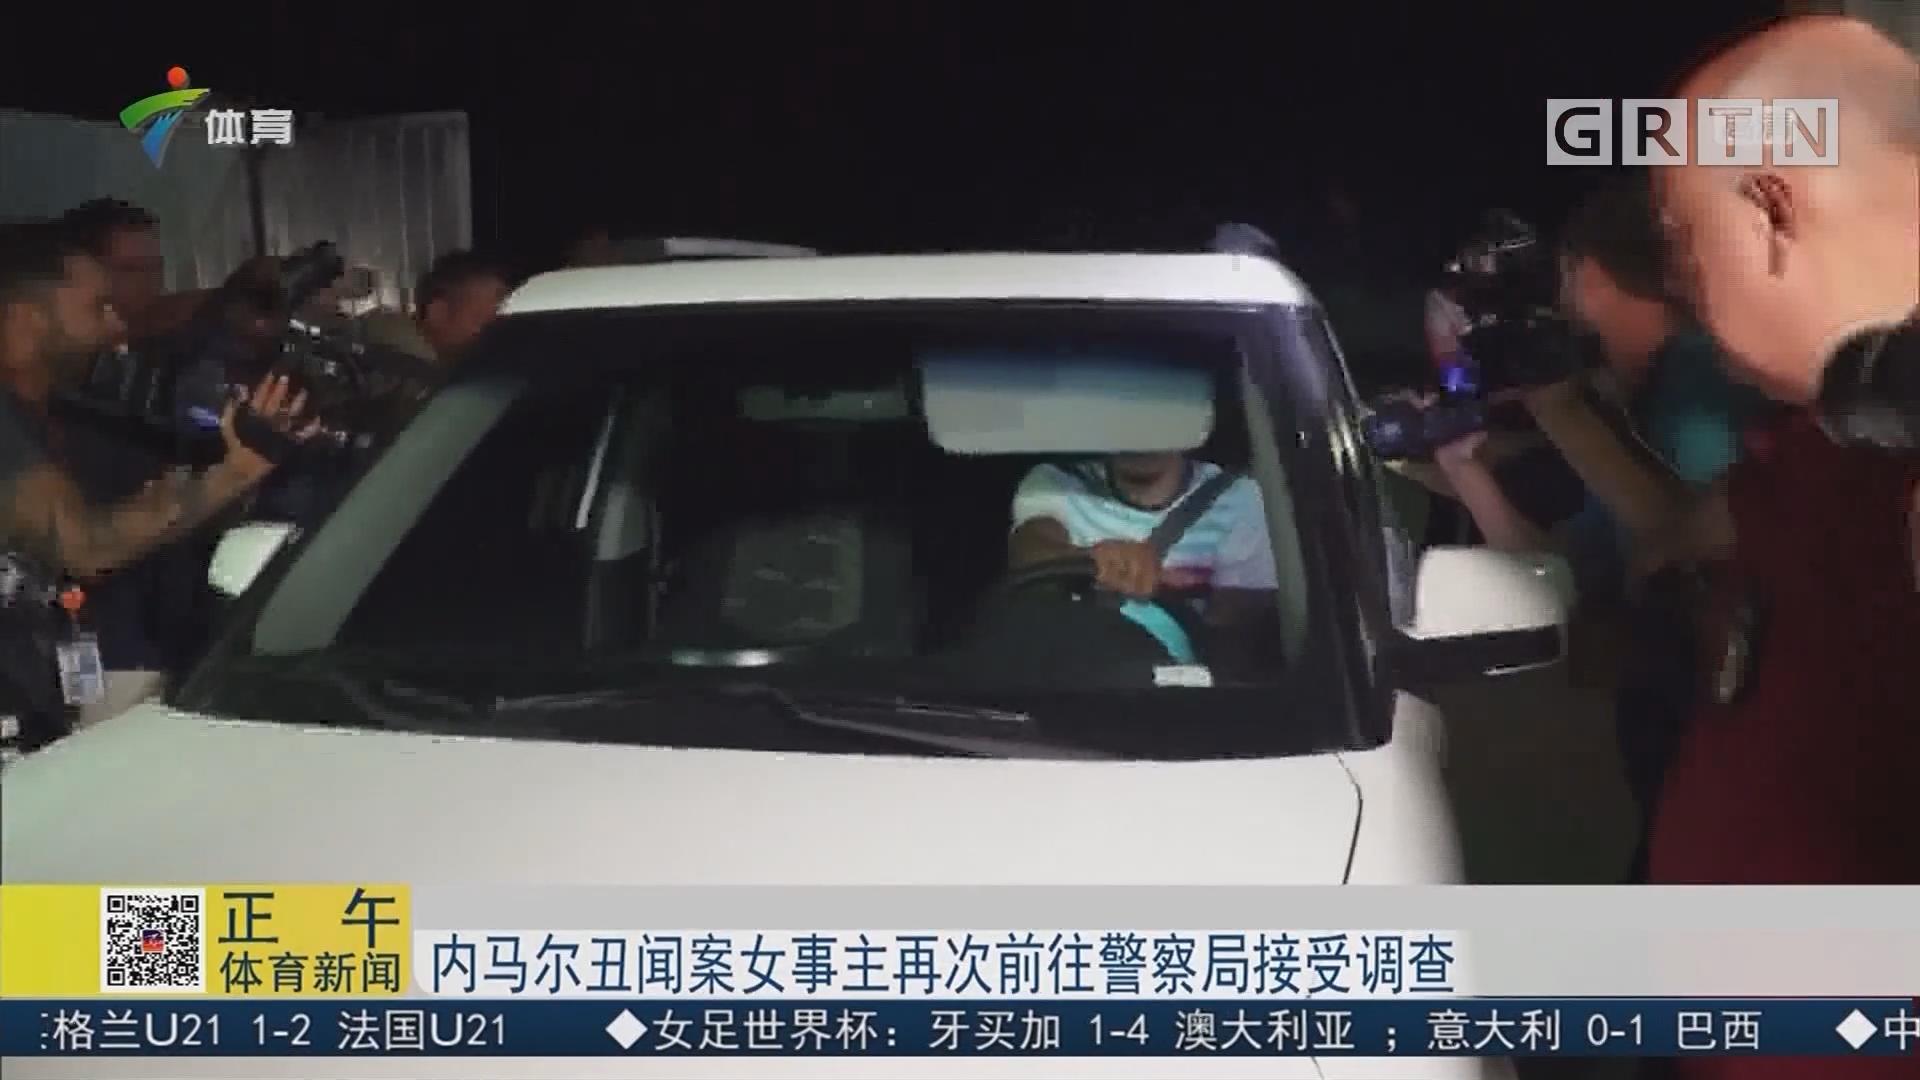 内马尔丑闻案女事主再次前往警察局接受调查